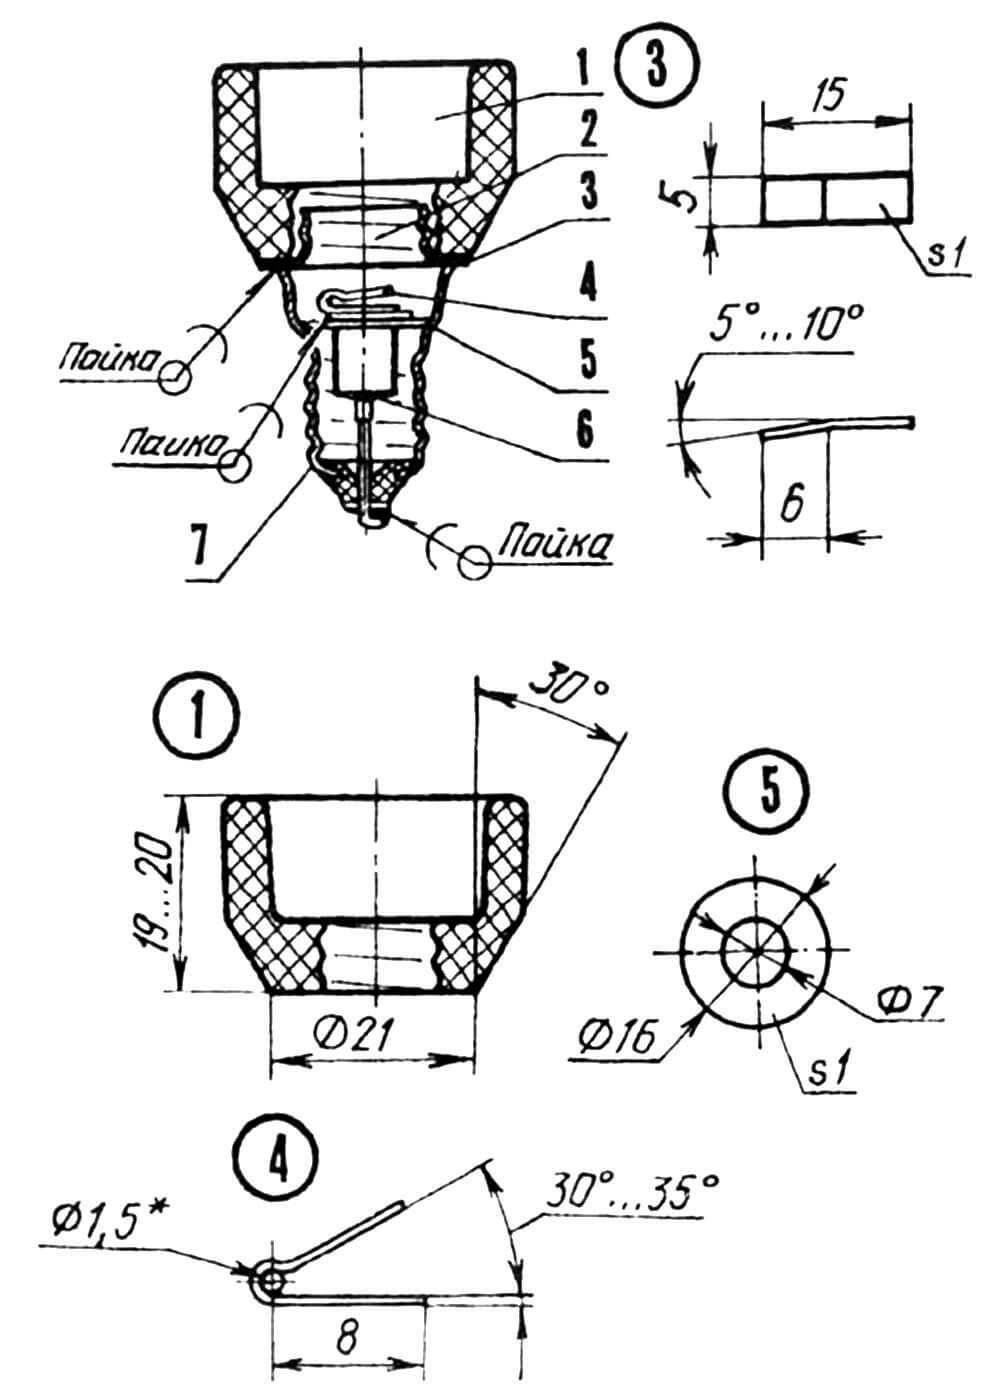 Самодельный переходник на базе электропатрона Е14: 1 — изолятор (доработанный корпус Е14); 2 — гильза базового электропатрона; 3 — пластина соединительная (латунь s1, 2 шт.); 4 — пластина контактная (латунь s1); 5 — шайба центрирующая (текстолит или гетинакс s1); 6 — диод полупроводниковый Д226; 7 — цоколь (от перегоревшей лампы-миньона).